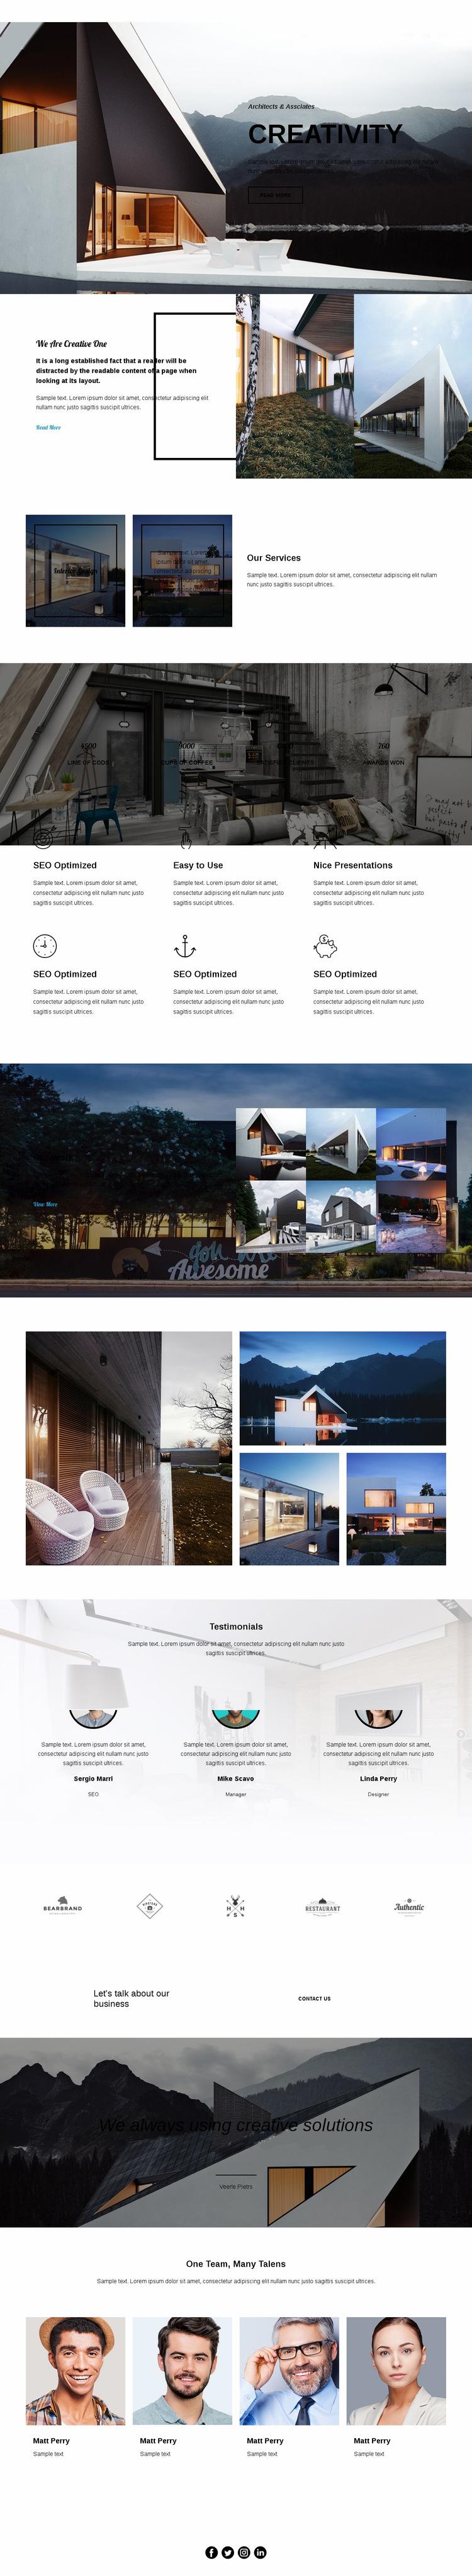 Creativity in architecture Web Page Design